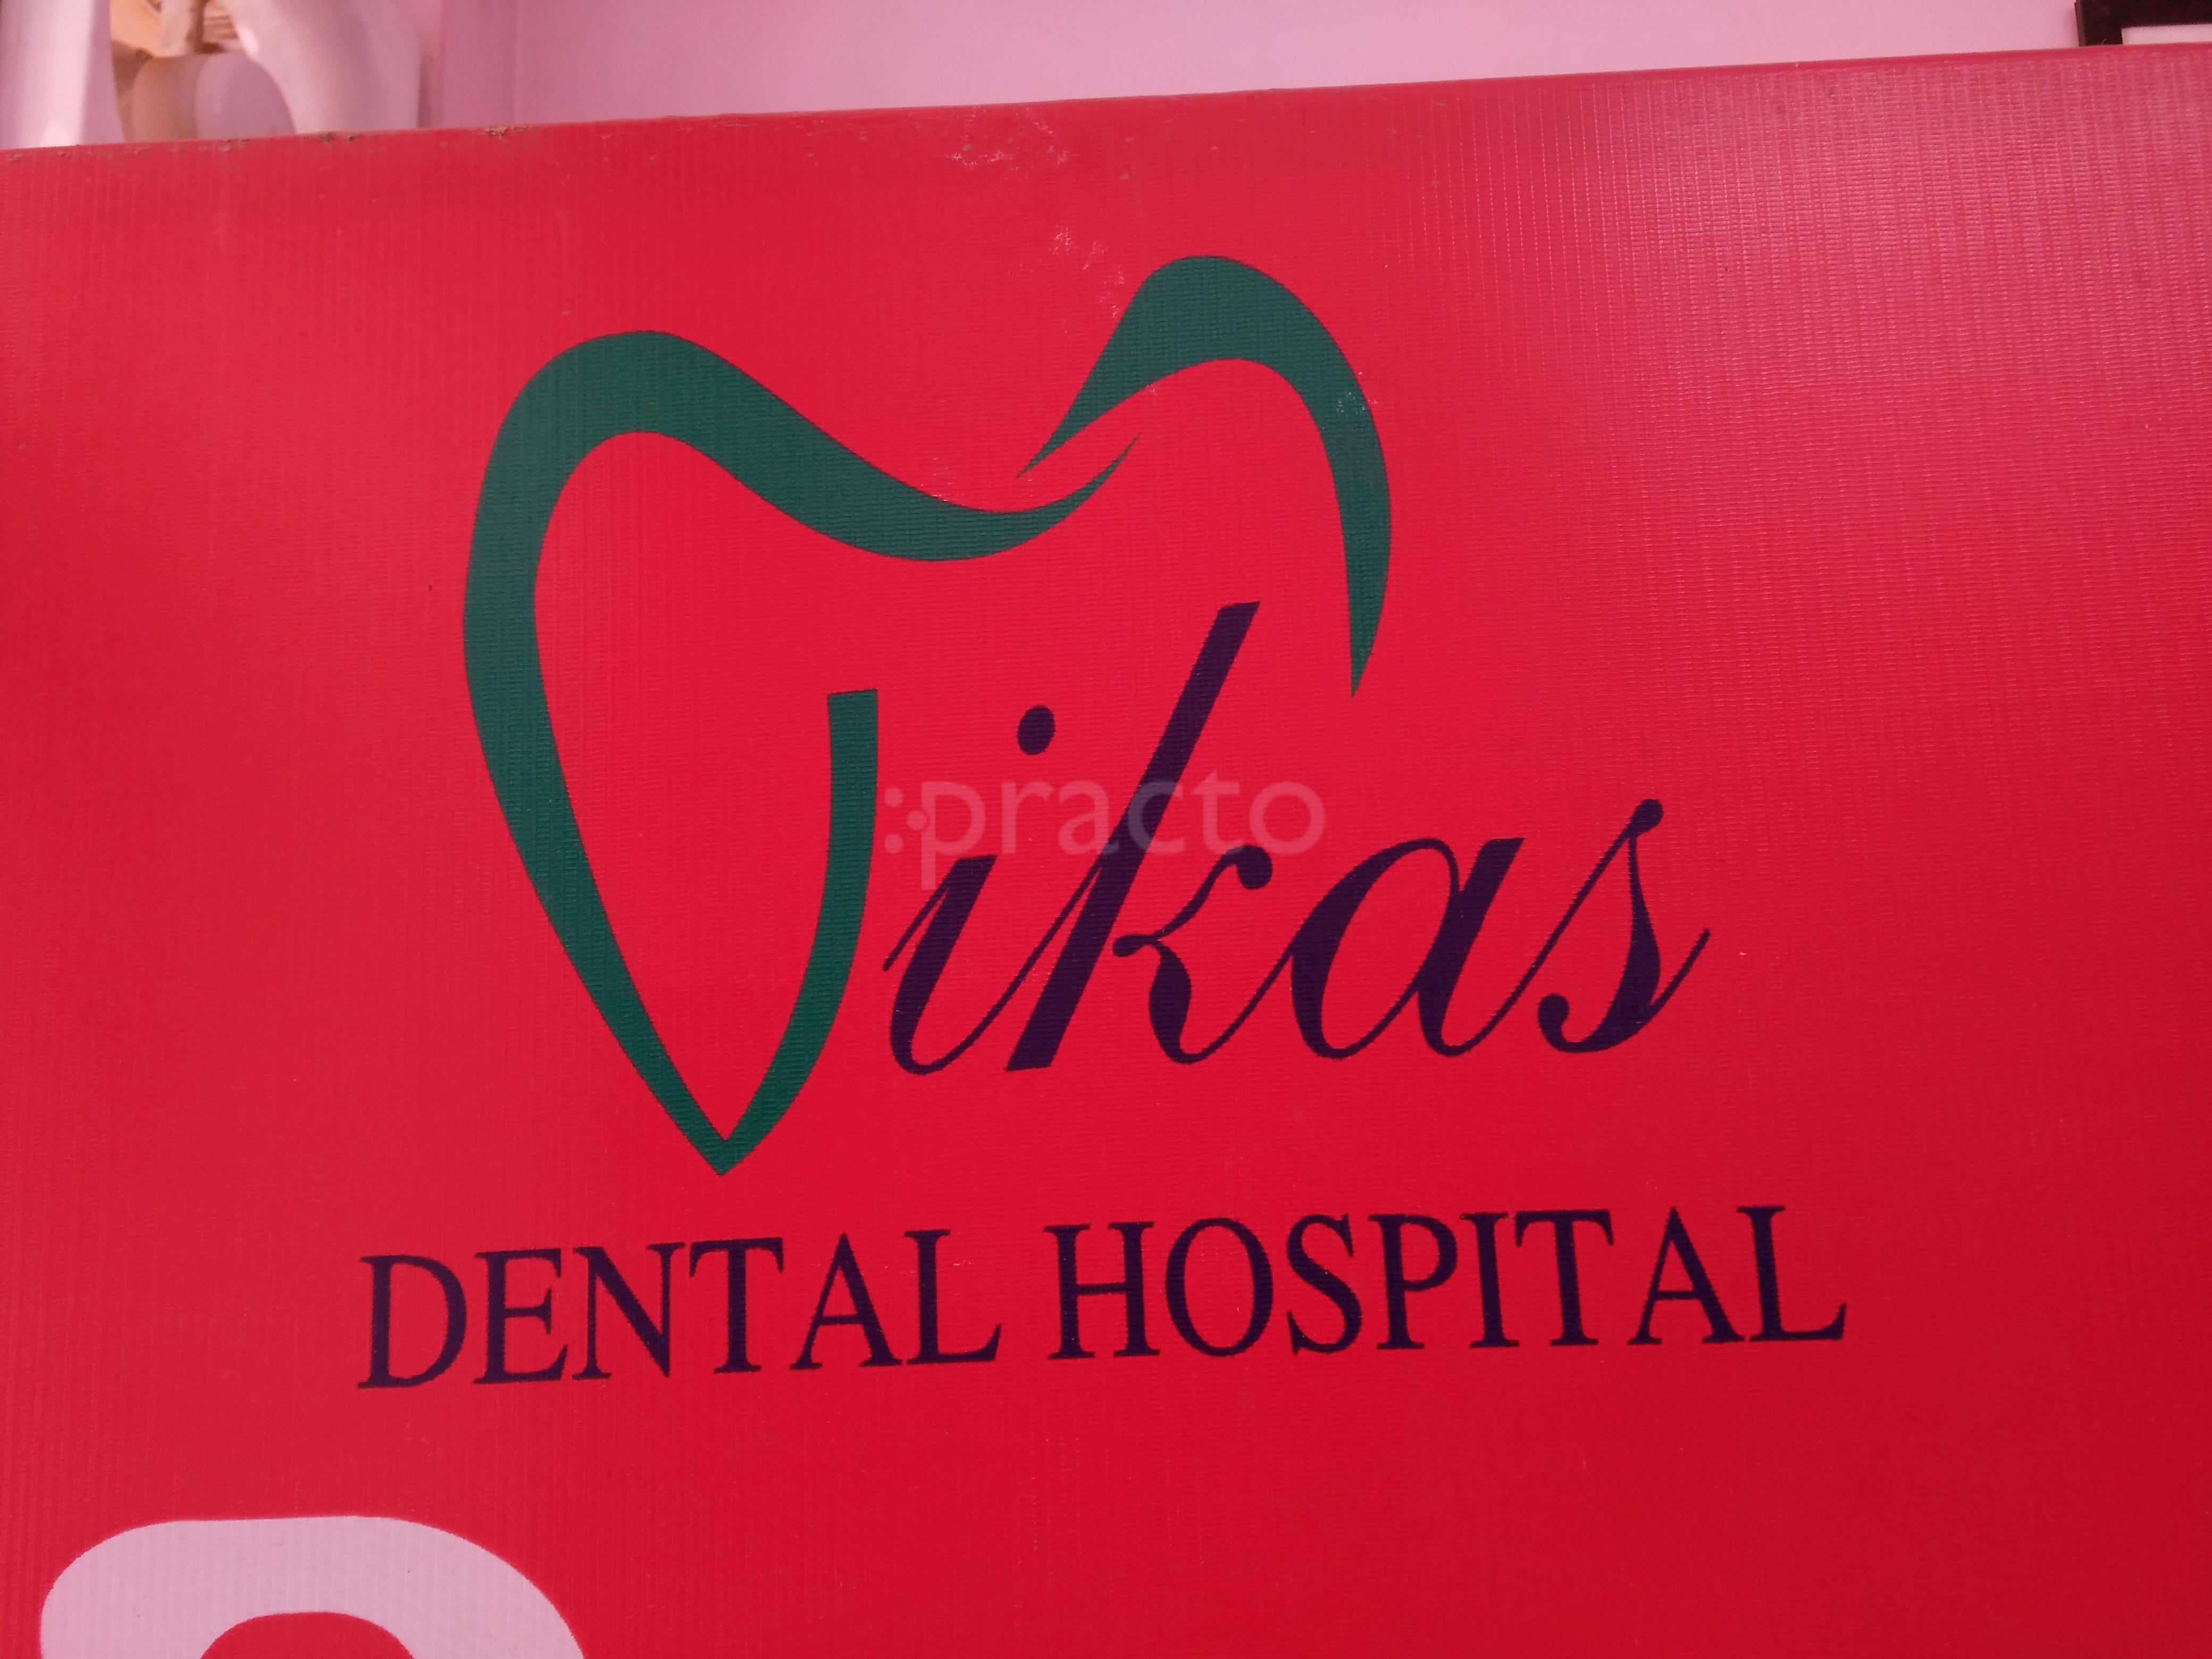 Vikas Dental Hospital